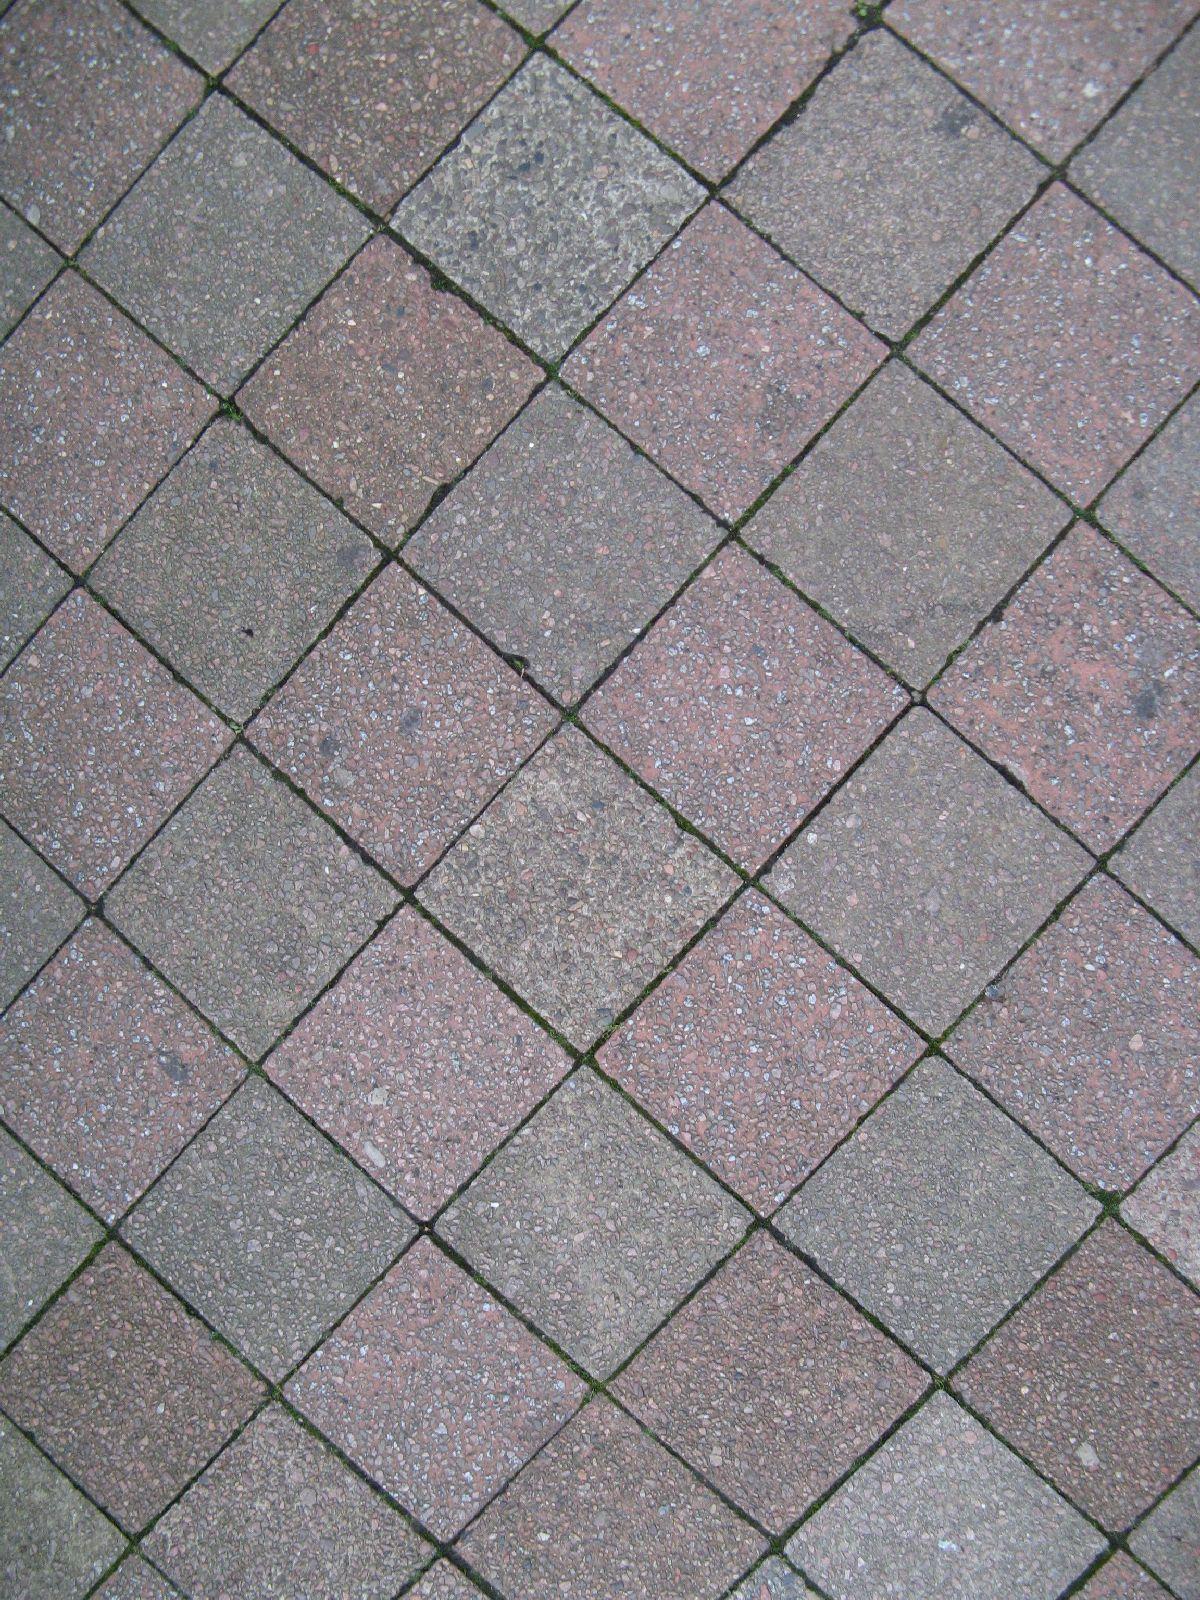 Boden-Gehweg-Strasse-Buergersteig-Textur_B_0631